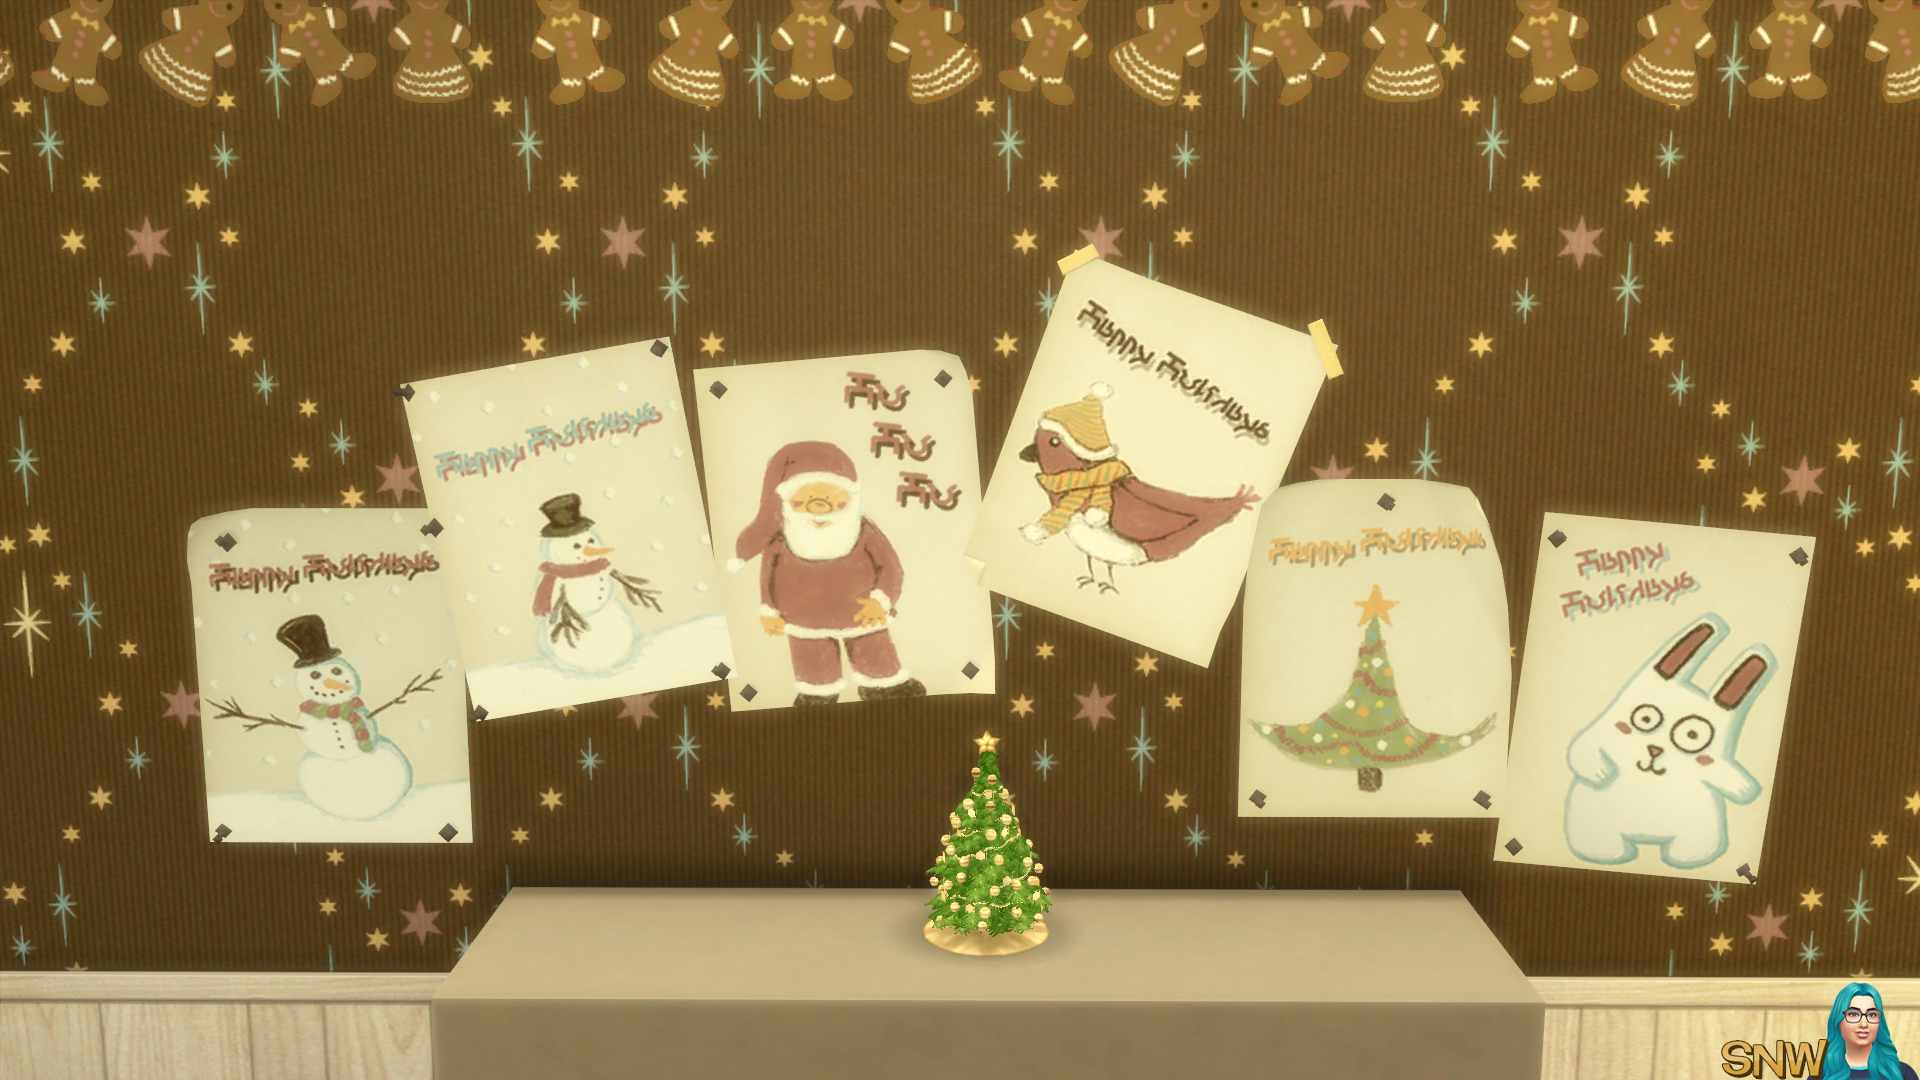 Christmas 2015 Poster Set